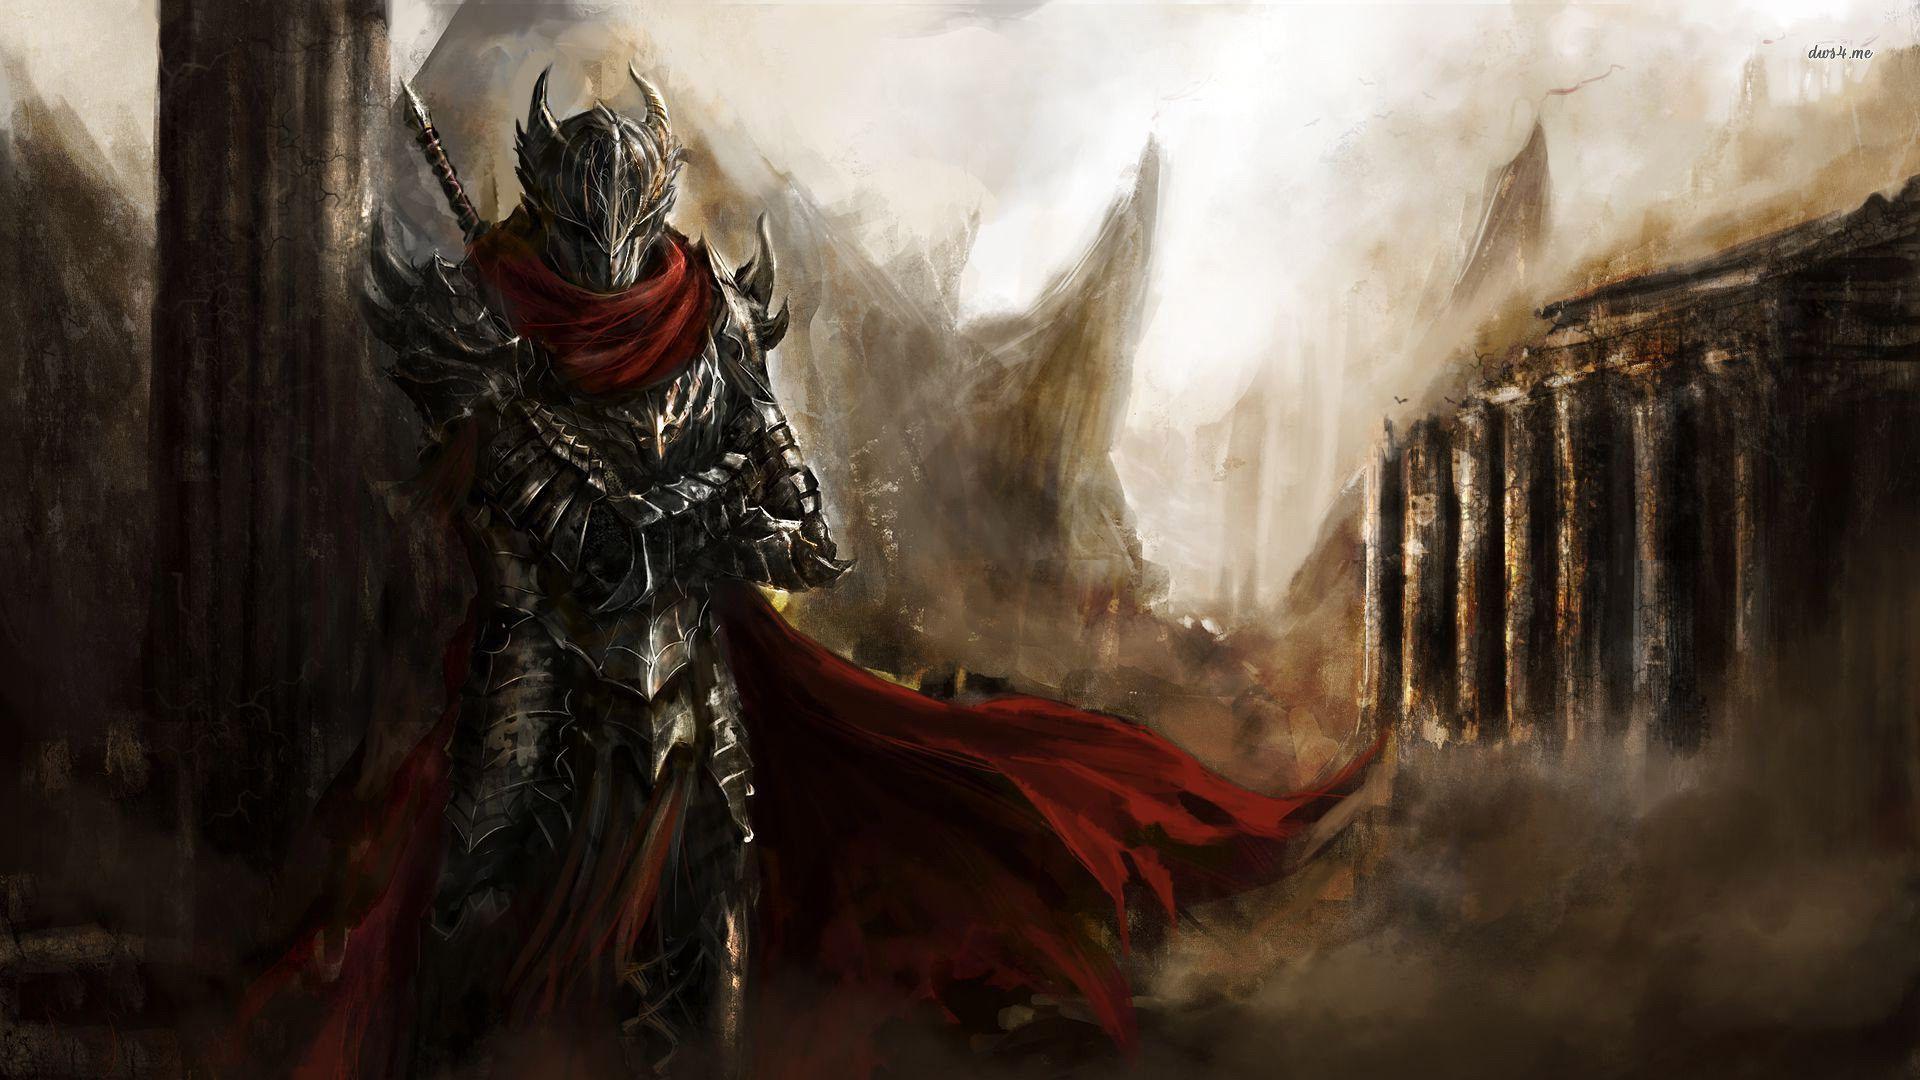 Pin On Warriors Assassins Sorcerers Samurai